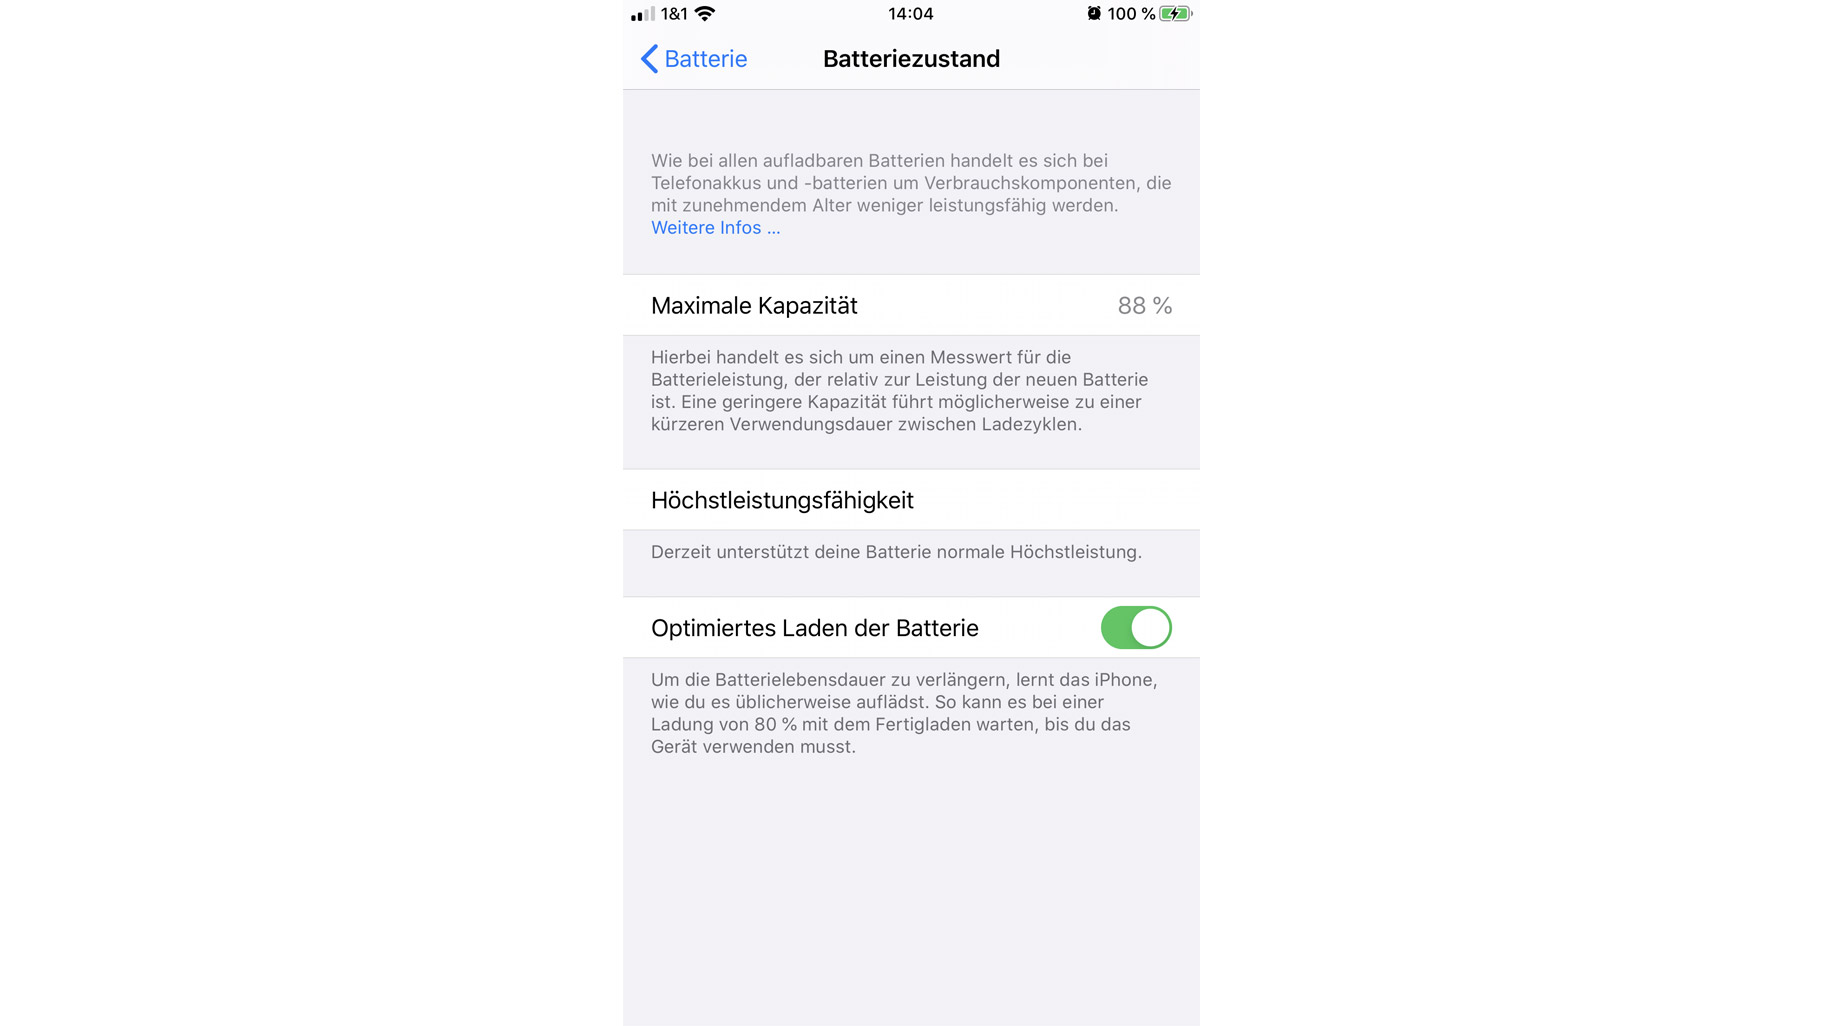 Optimiertes Laden beim iPhone: Das steckt hinter dem iOS-13-Feature